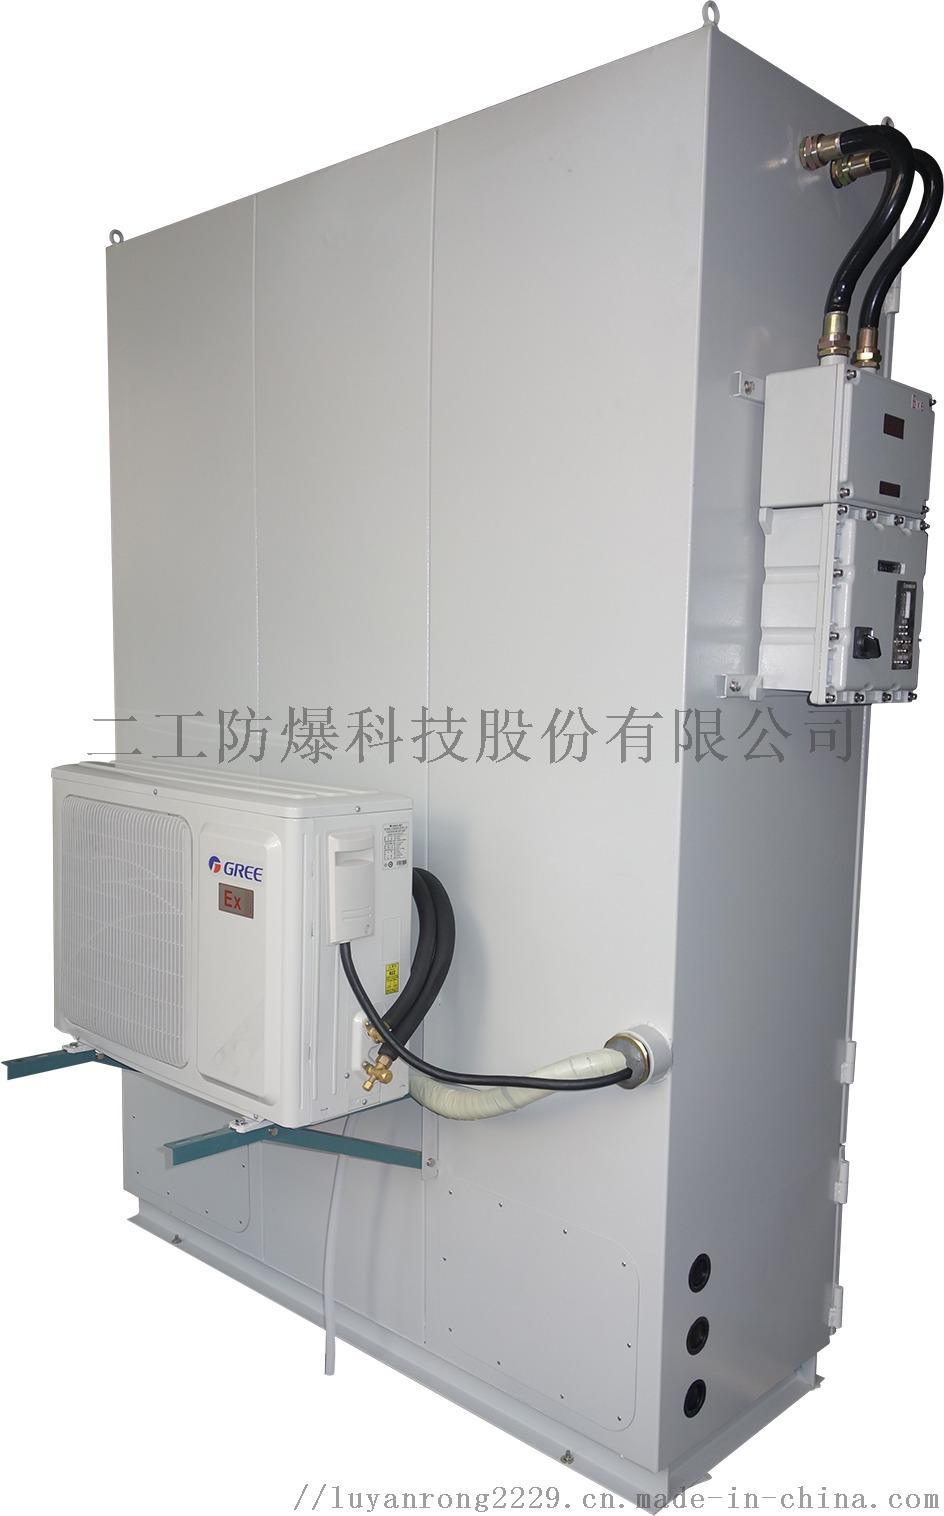 二工生產防爆正壓配電櫃短路過載保護796438995